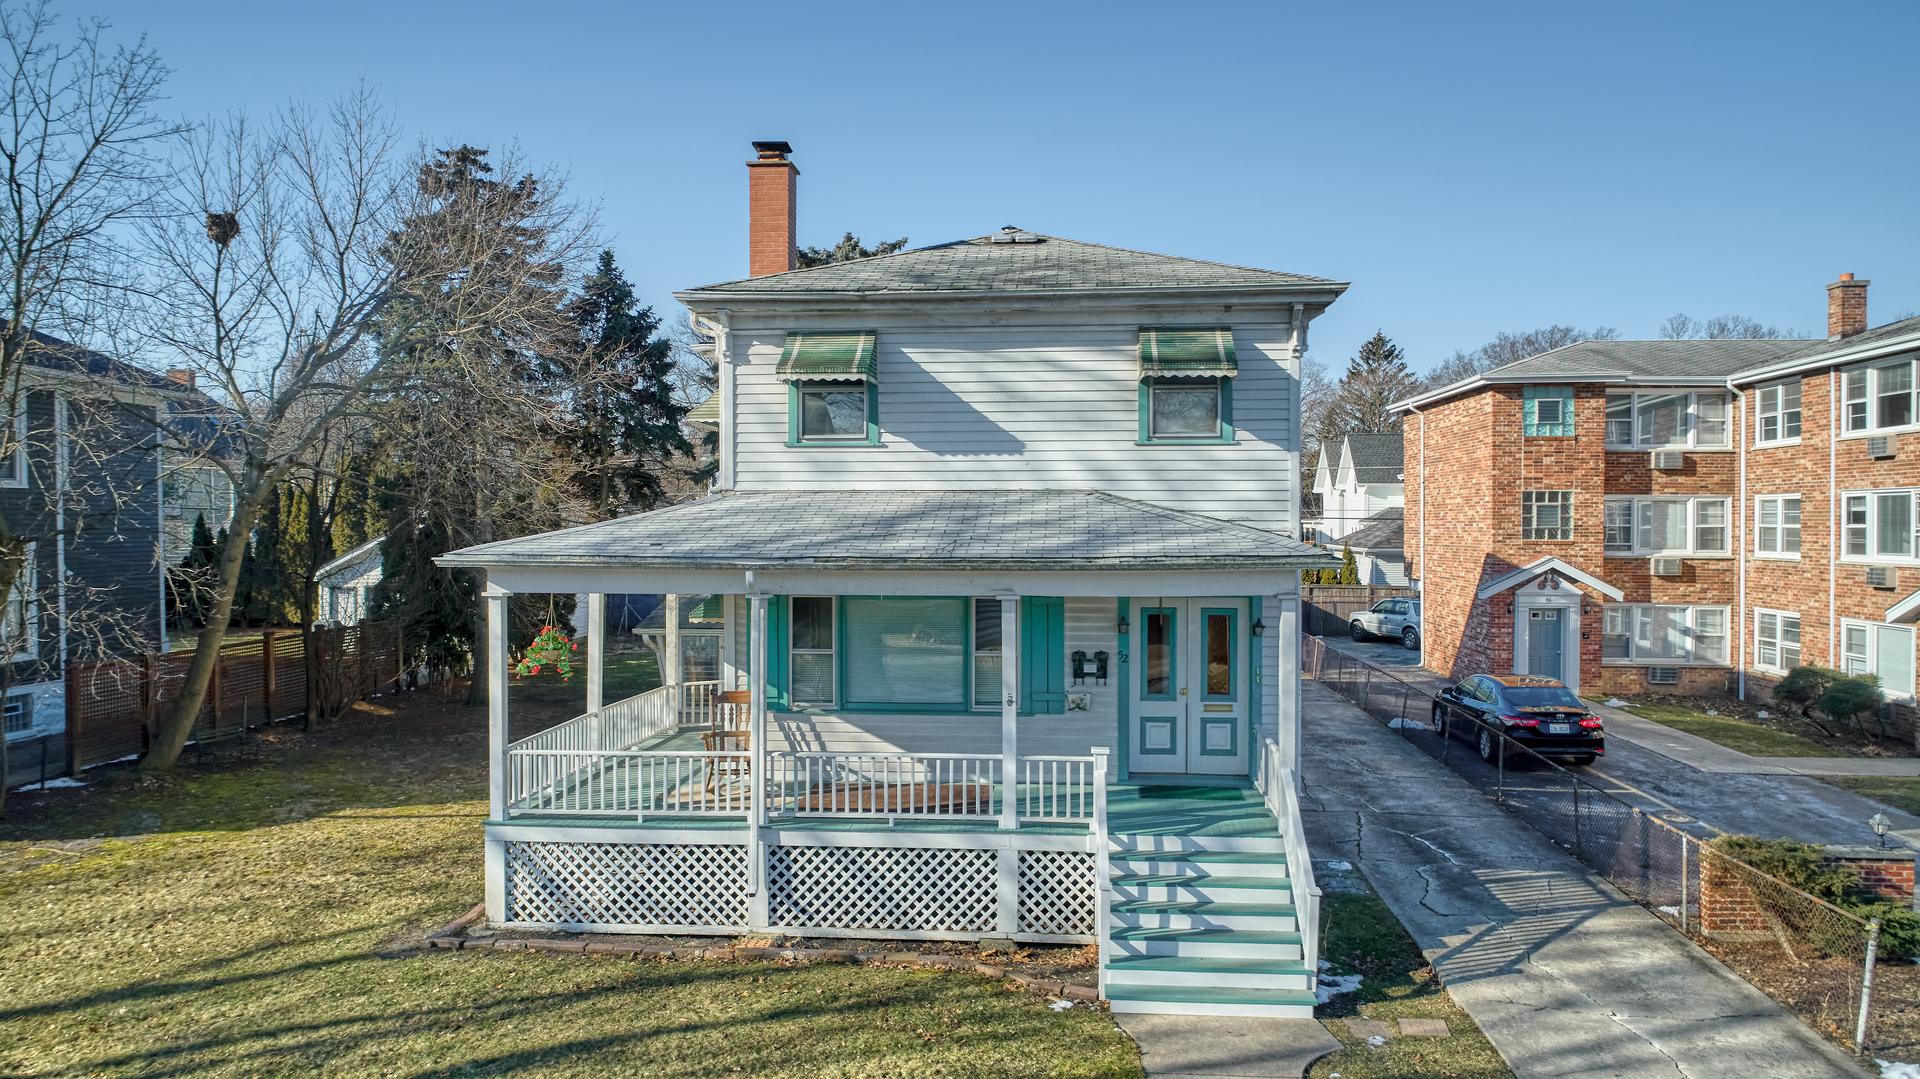 52 South Kensington Avenue, La Grange in Cook County, IL 60525 Home for Sale